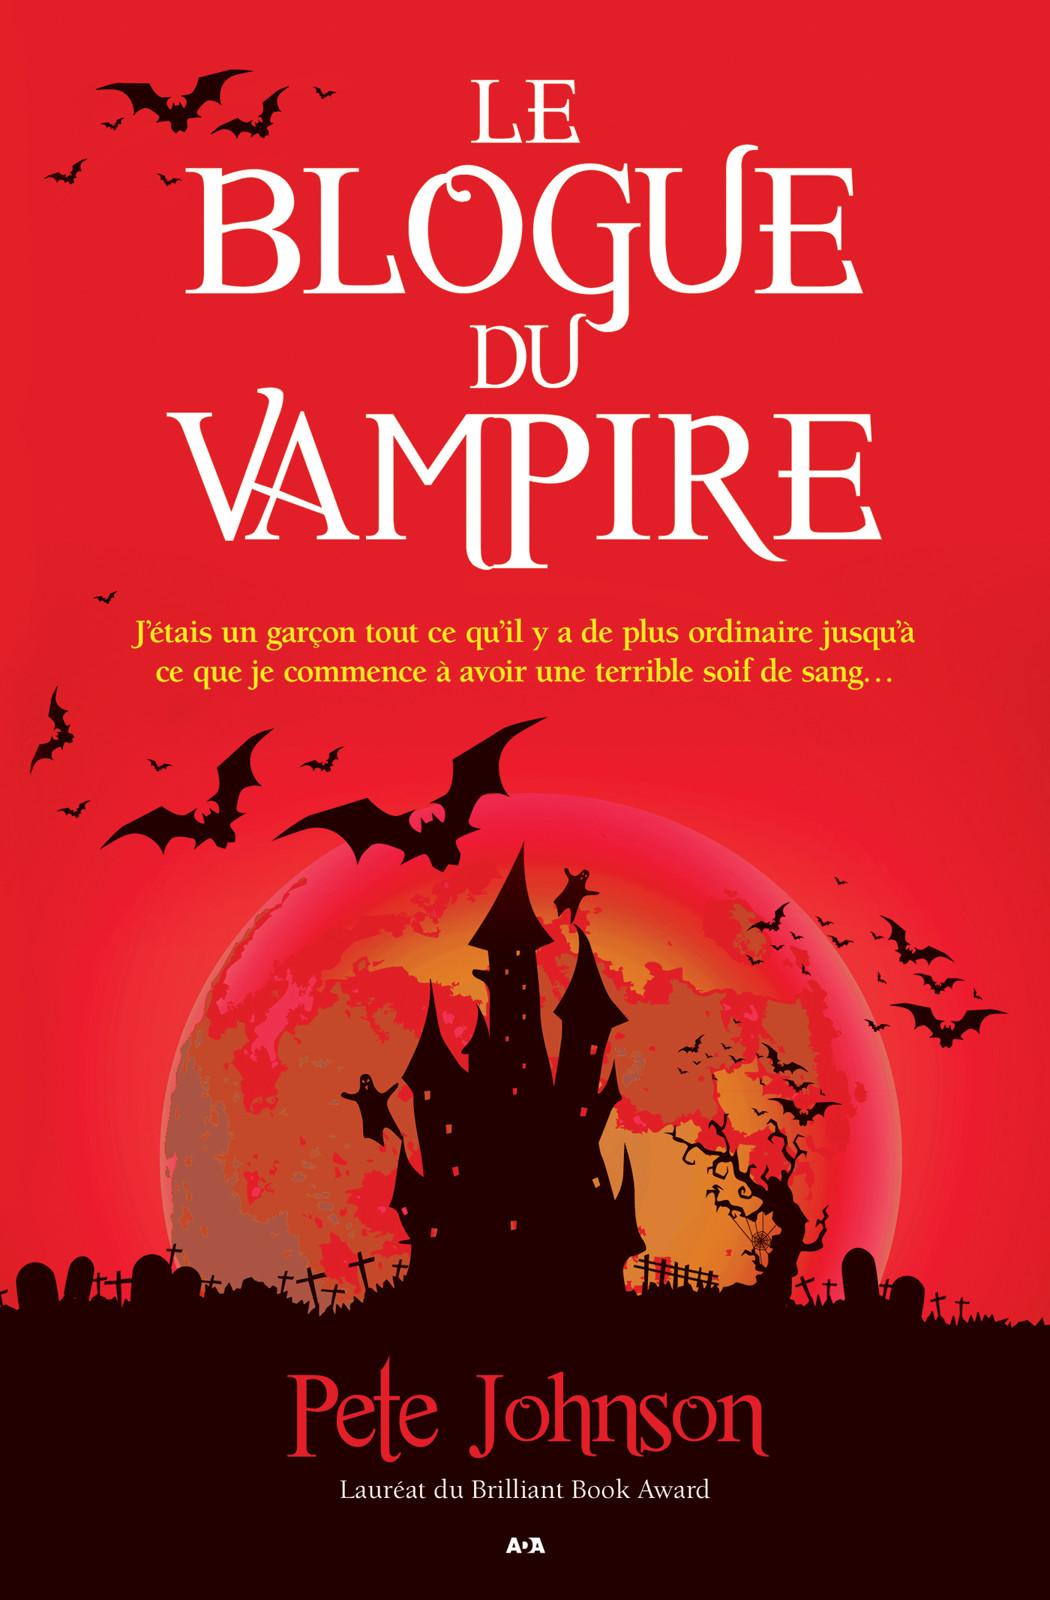 Le blogue du vampire